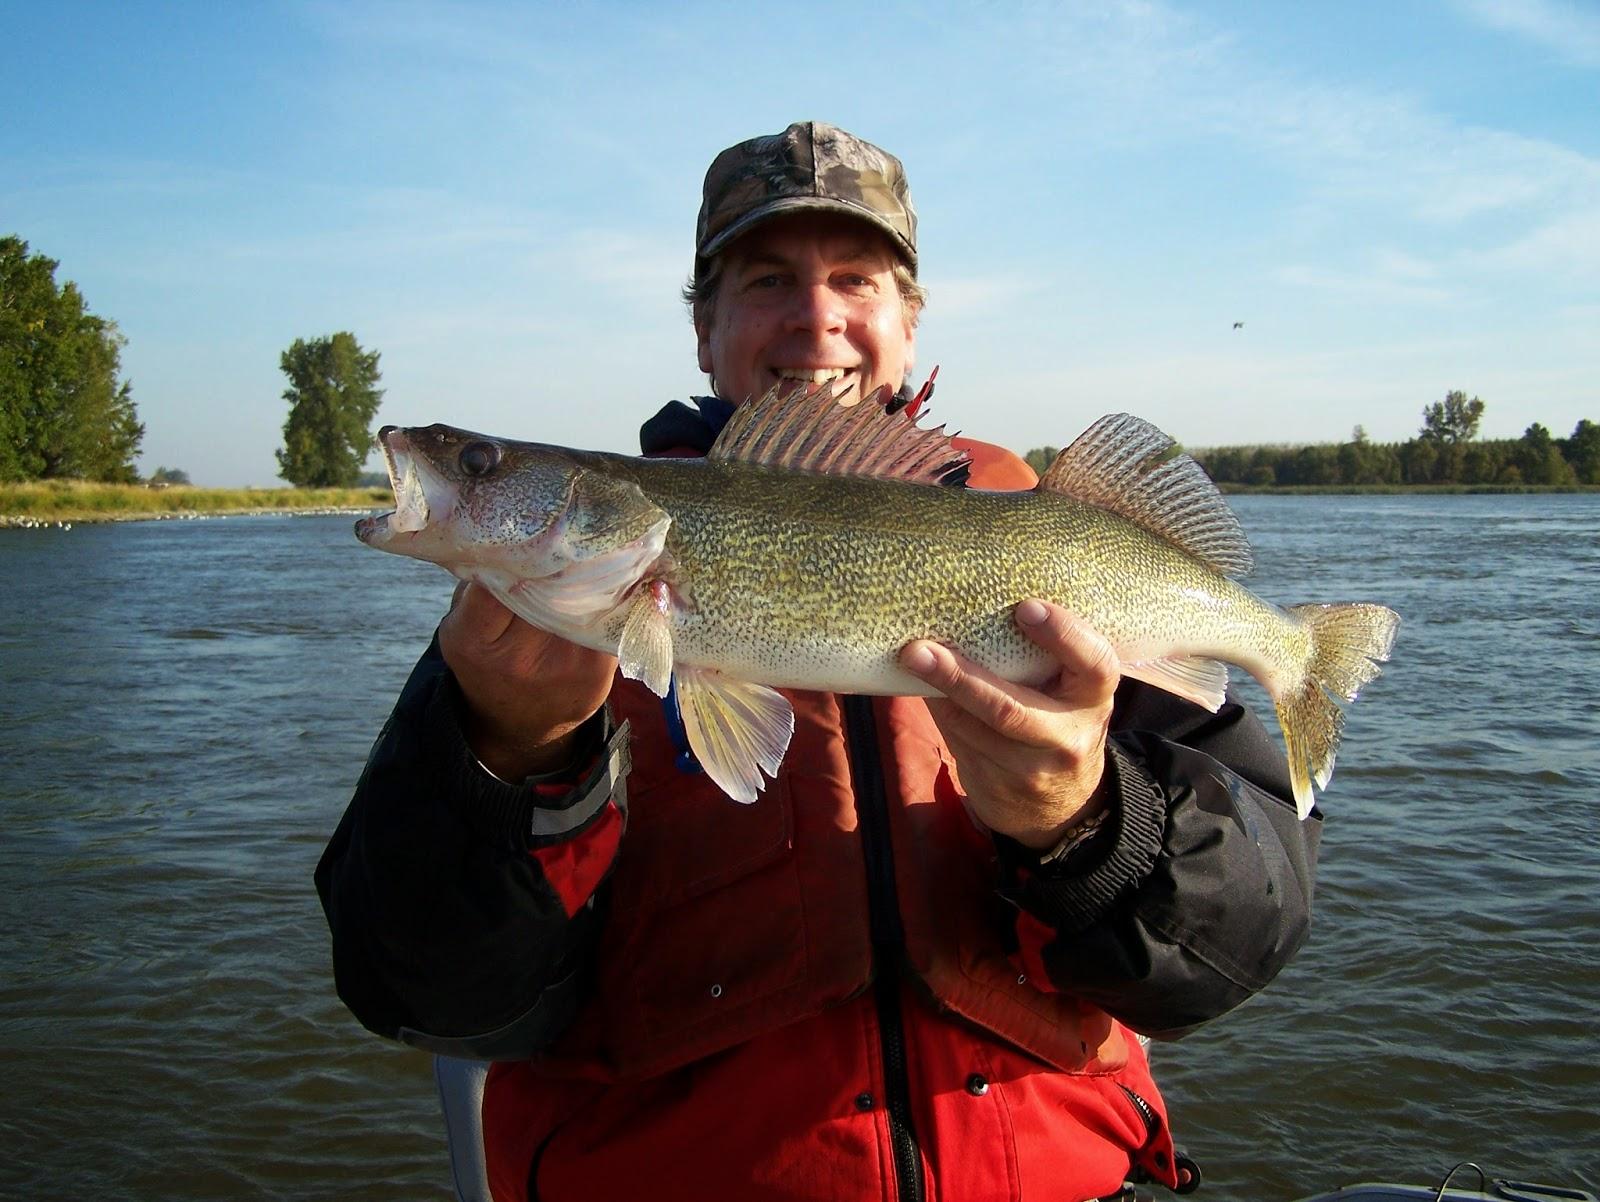 Pêche Lac Saint-Pierre, parlons pêche, Daniel Lefaivre, pêche truite